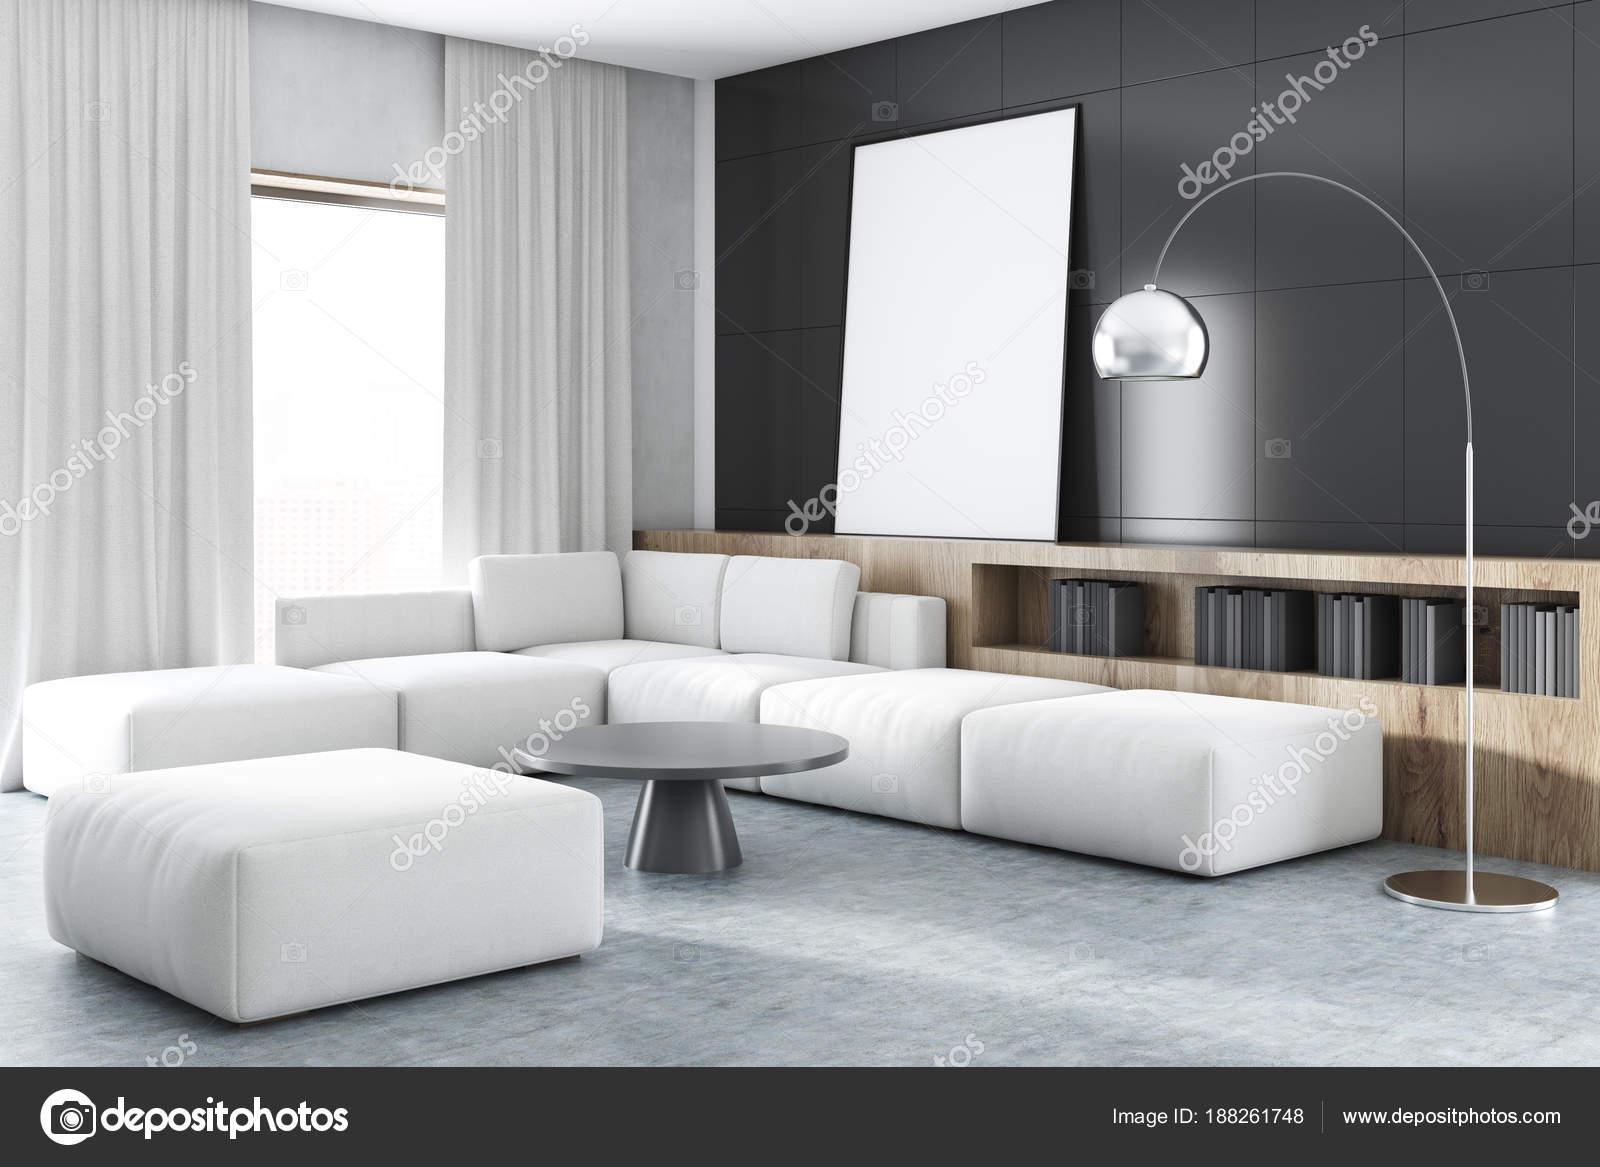 Divano Nero E Bianco : Divano beige e gran caffè nero tavola in bianco moderno cottage